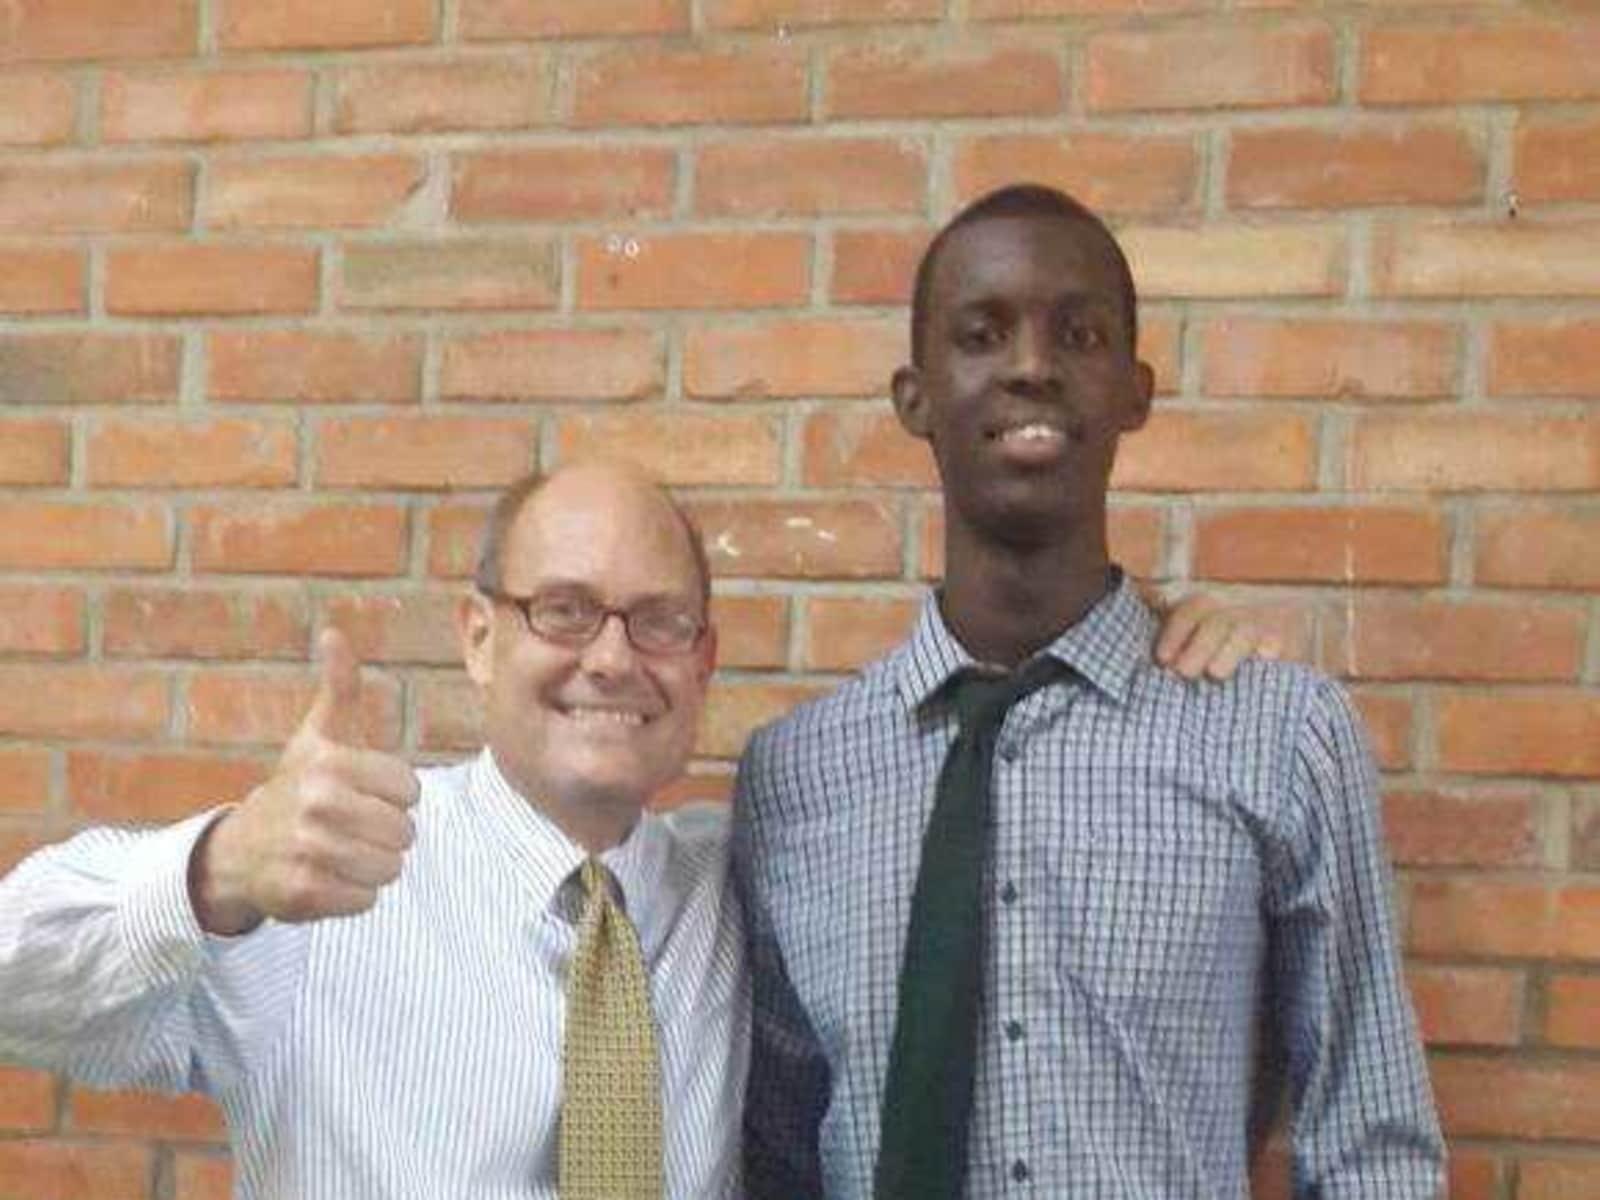 Carl from Kigali, Rwanda